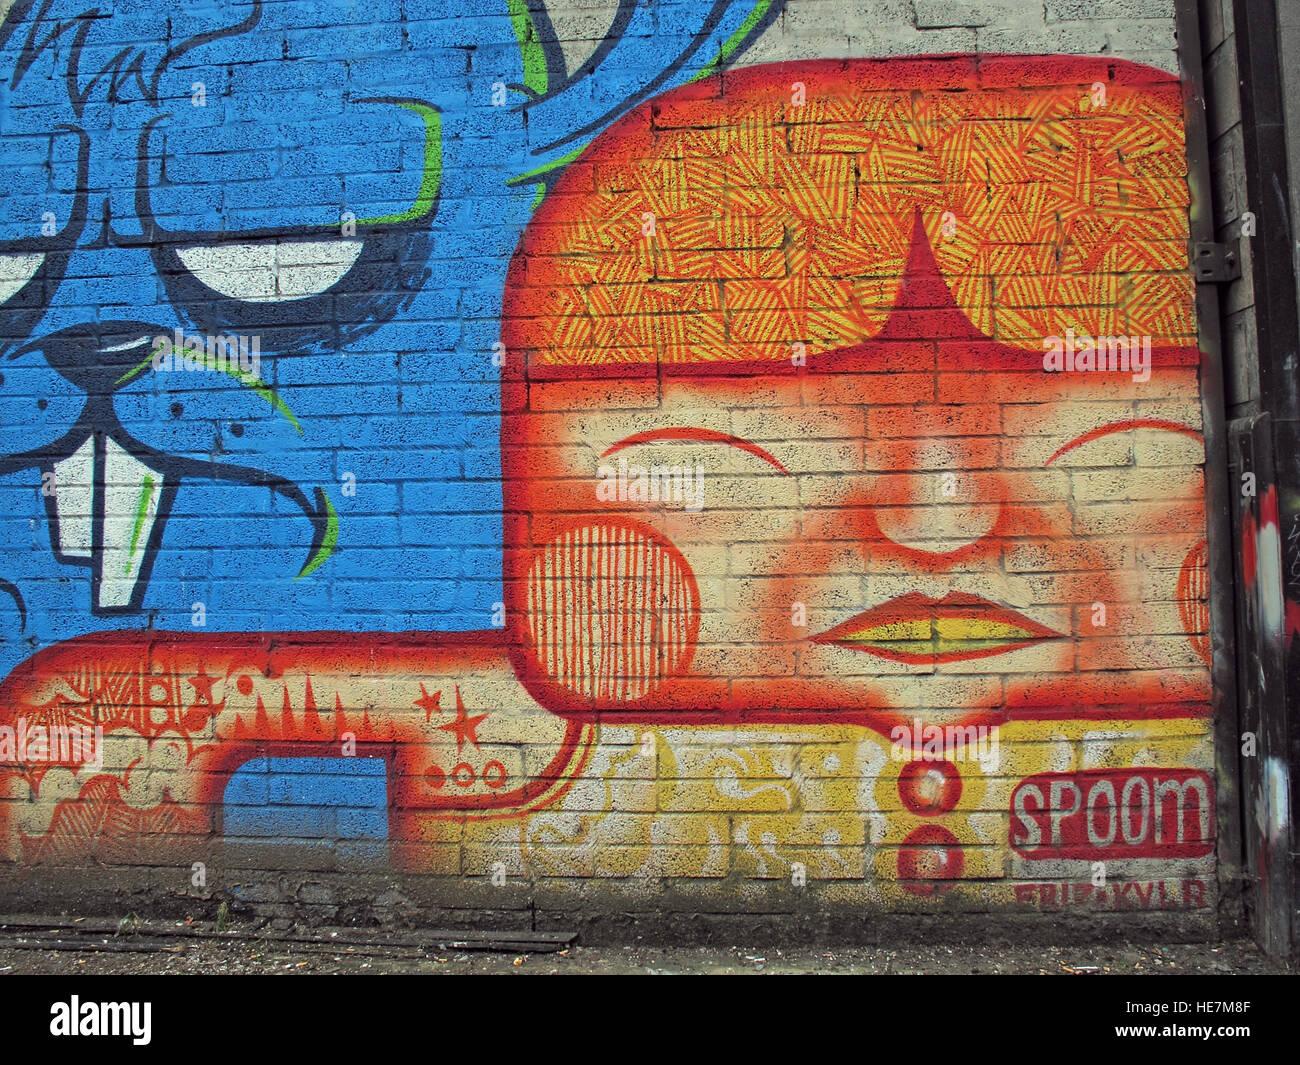 Laden Sie dieses Alamy Stockfoto Spoom Tag Grafitti, Belfast, Nordirland, Vereinigtes Königreich - HE7M8F